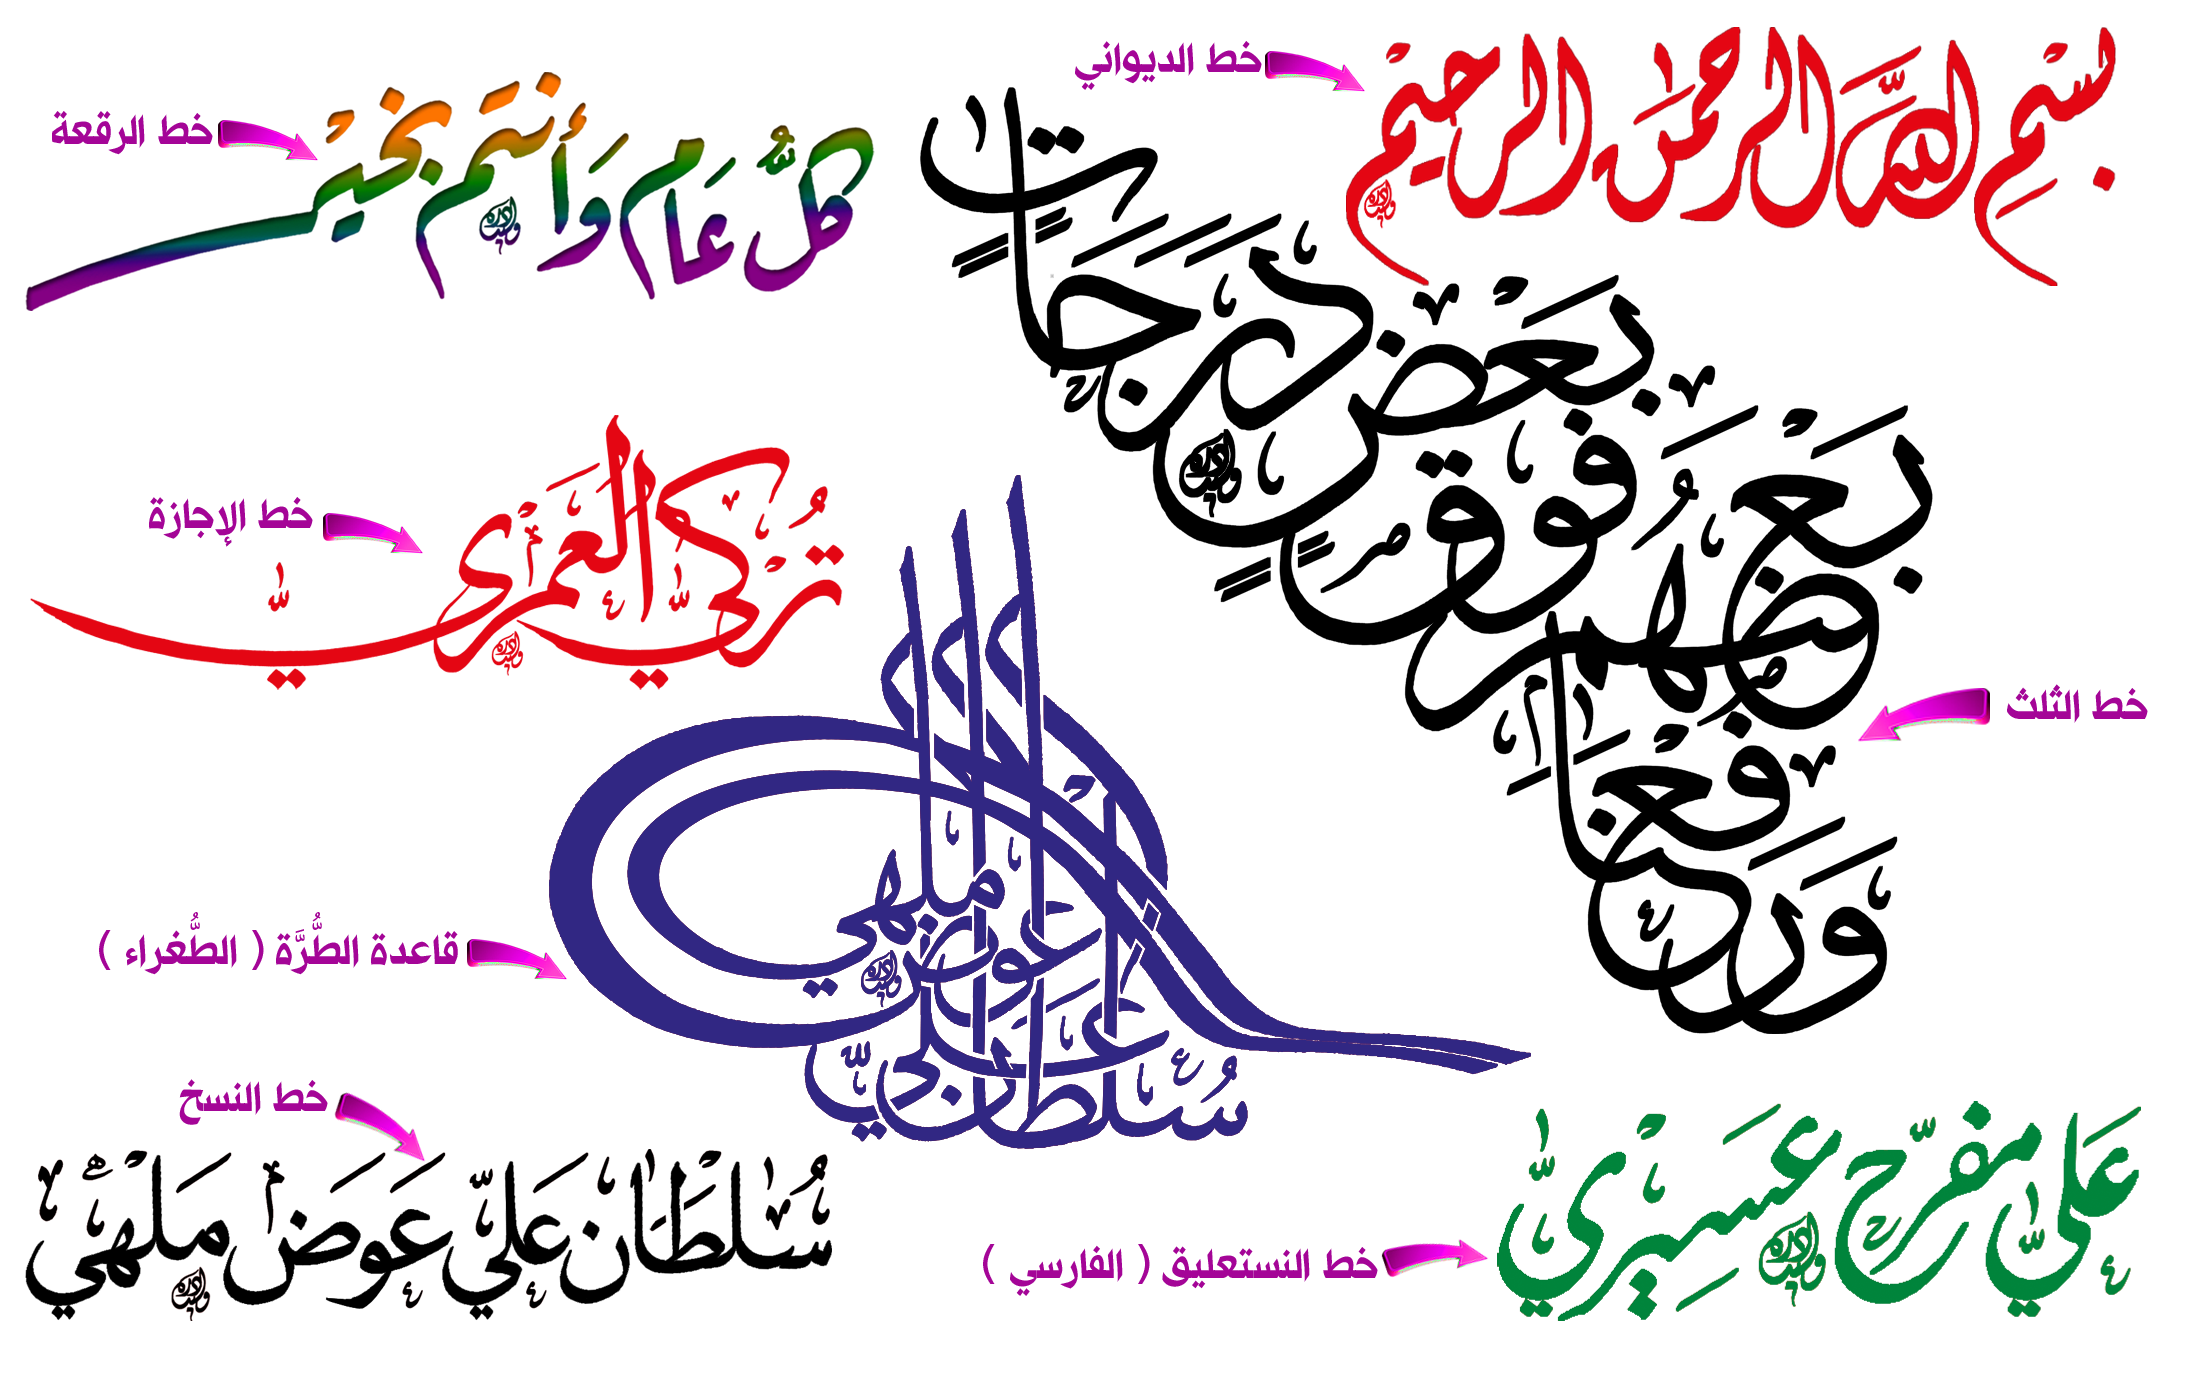 نماذج الخطوط العربية خط عربي الثلث الفارسي الديواني النسخ الرقعة الطرة الطغراء الإجازة التركيب لل Calligraphy Arabic Calligraphy Graphic